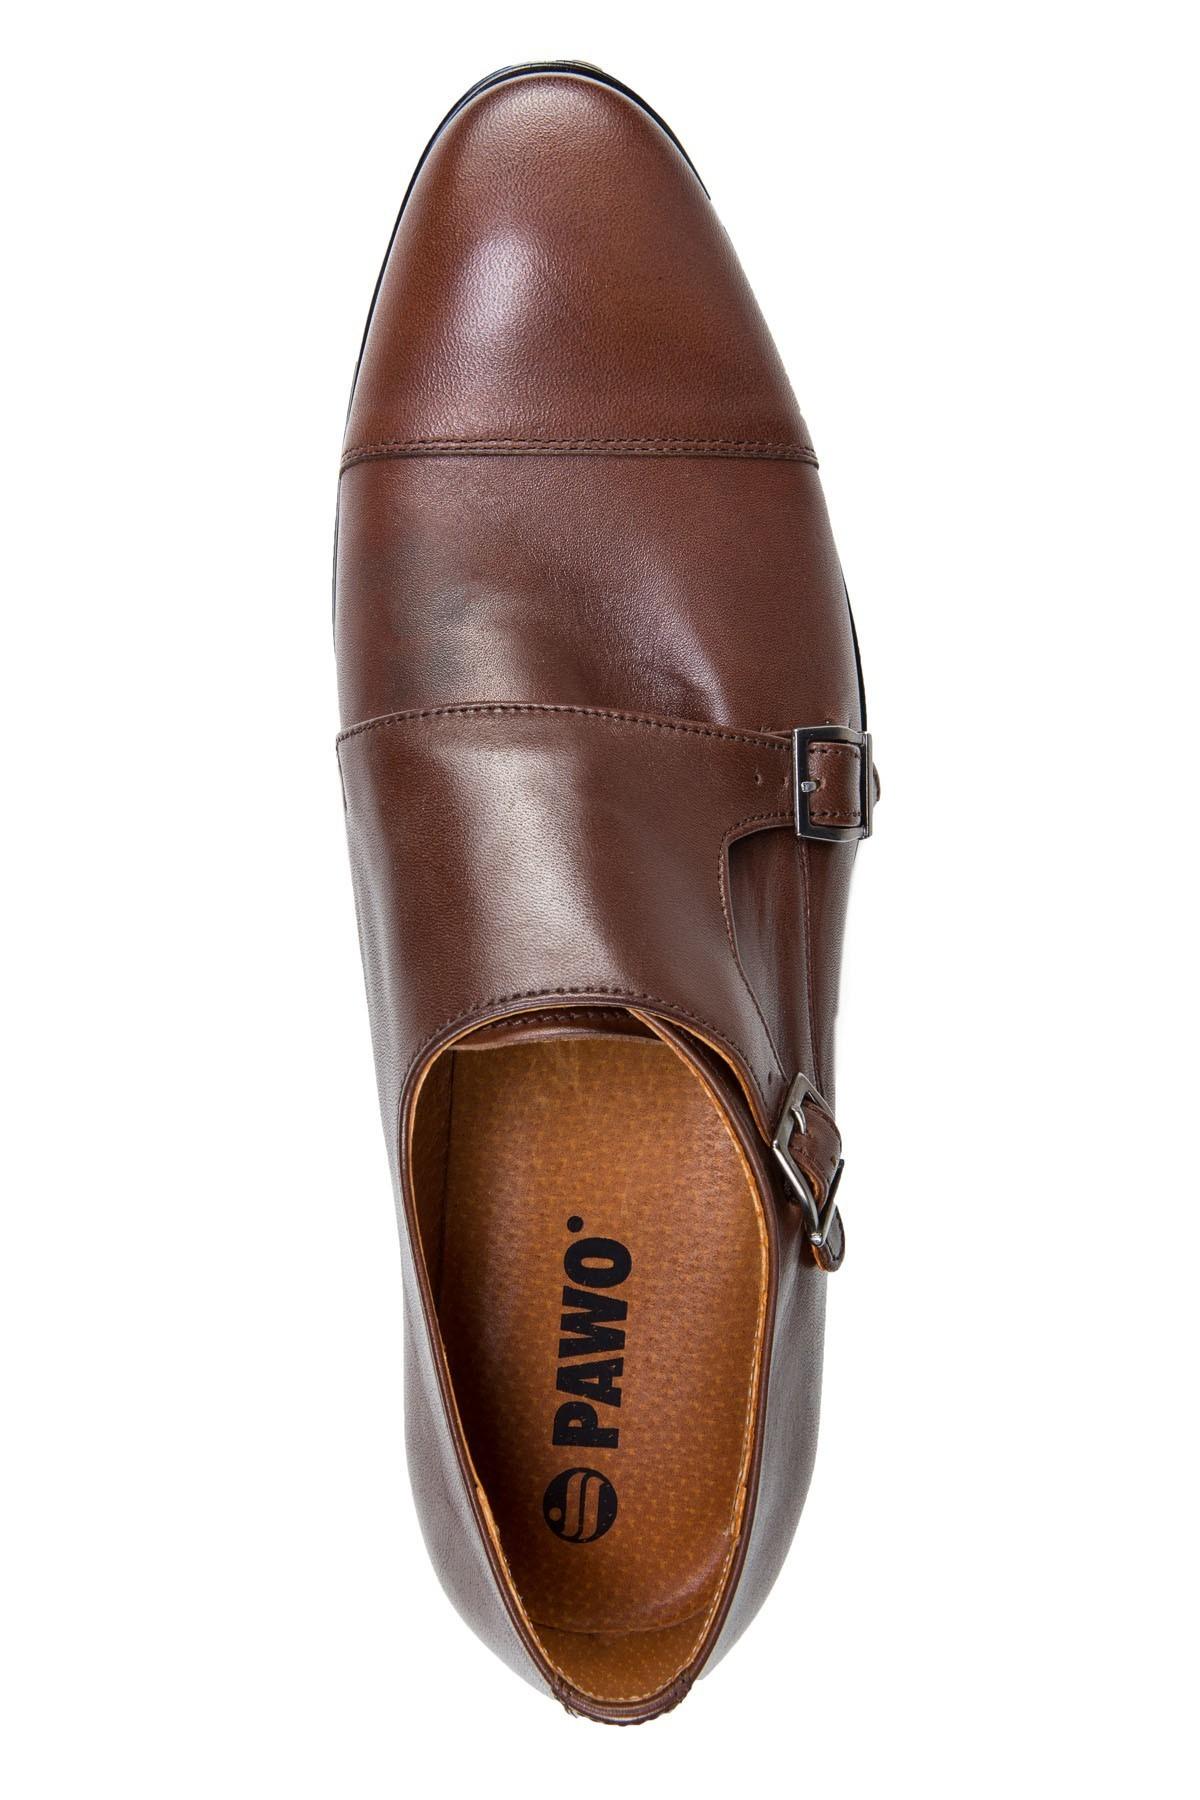 Brązowe buty męskie ze skóry typu monki